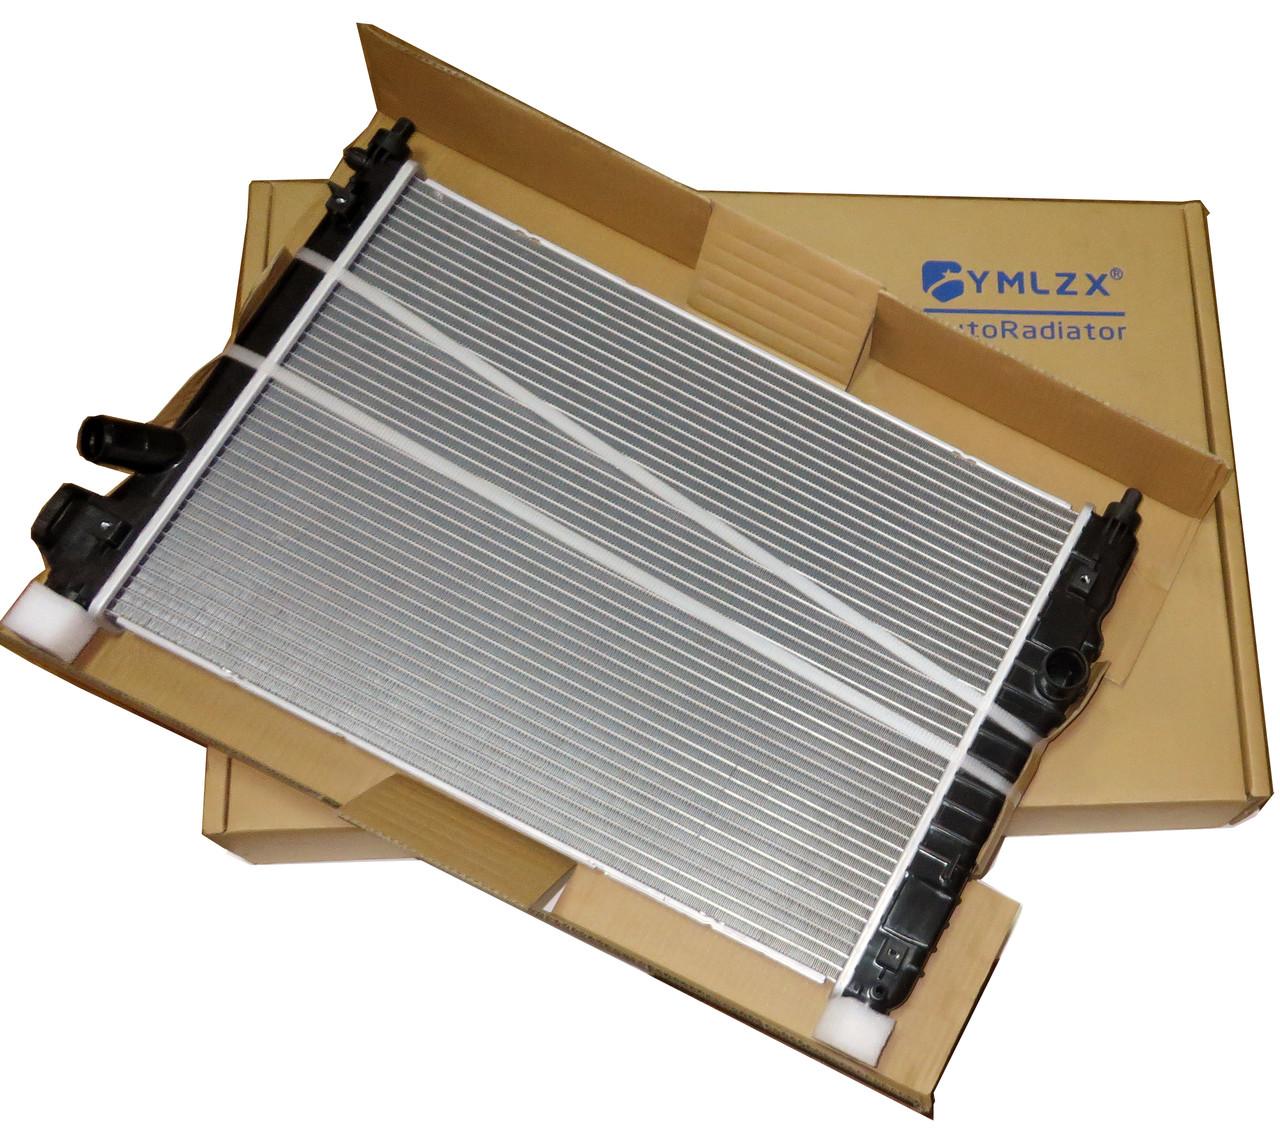 Радиатор основной Авео Т-255 2008 МКПП, YMLZX, YML-BR-905, 95227749-